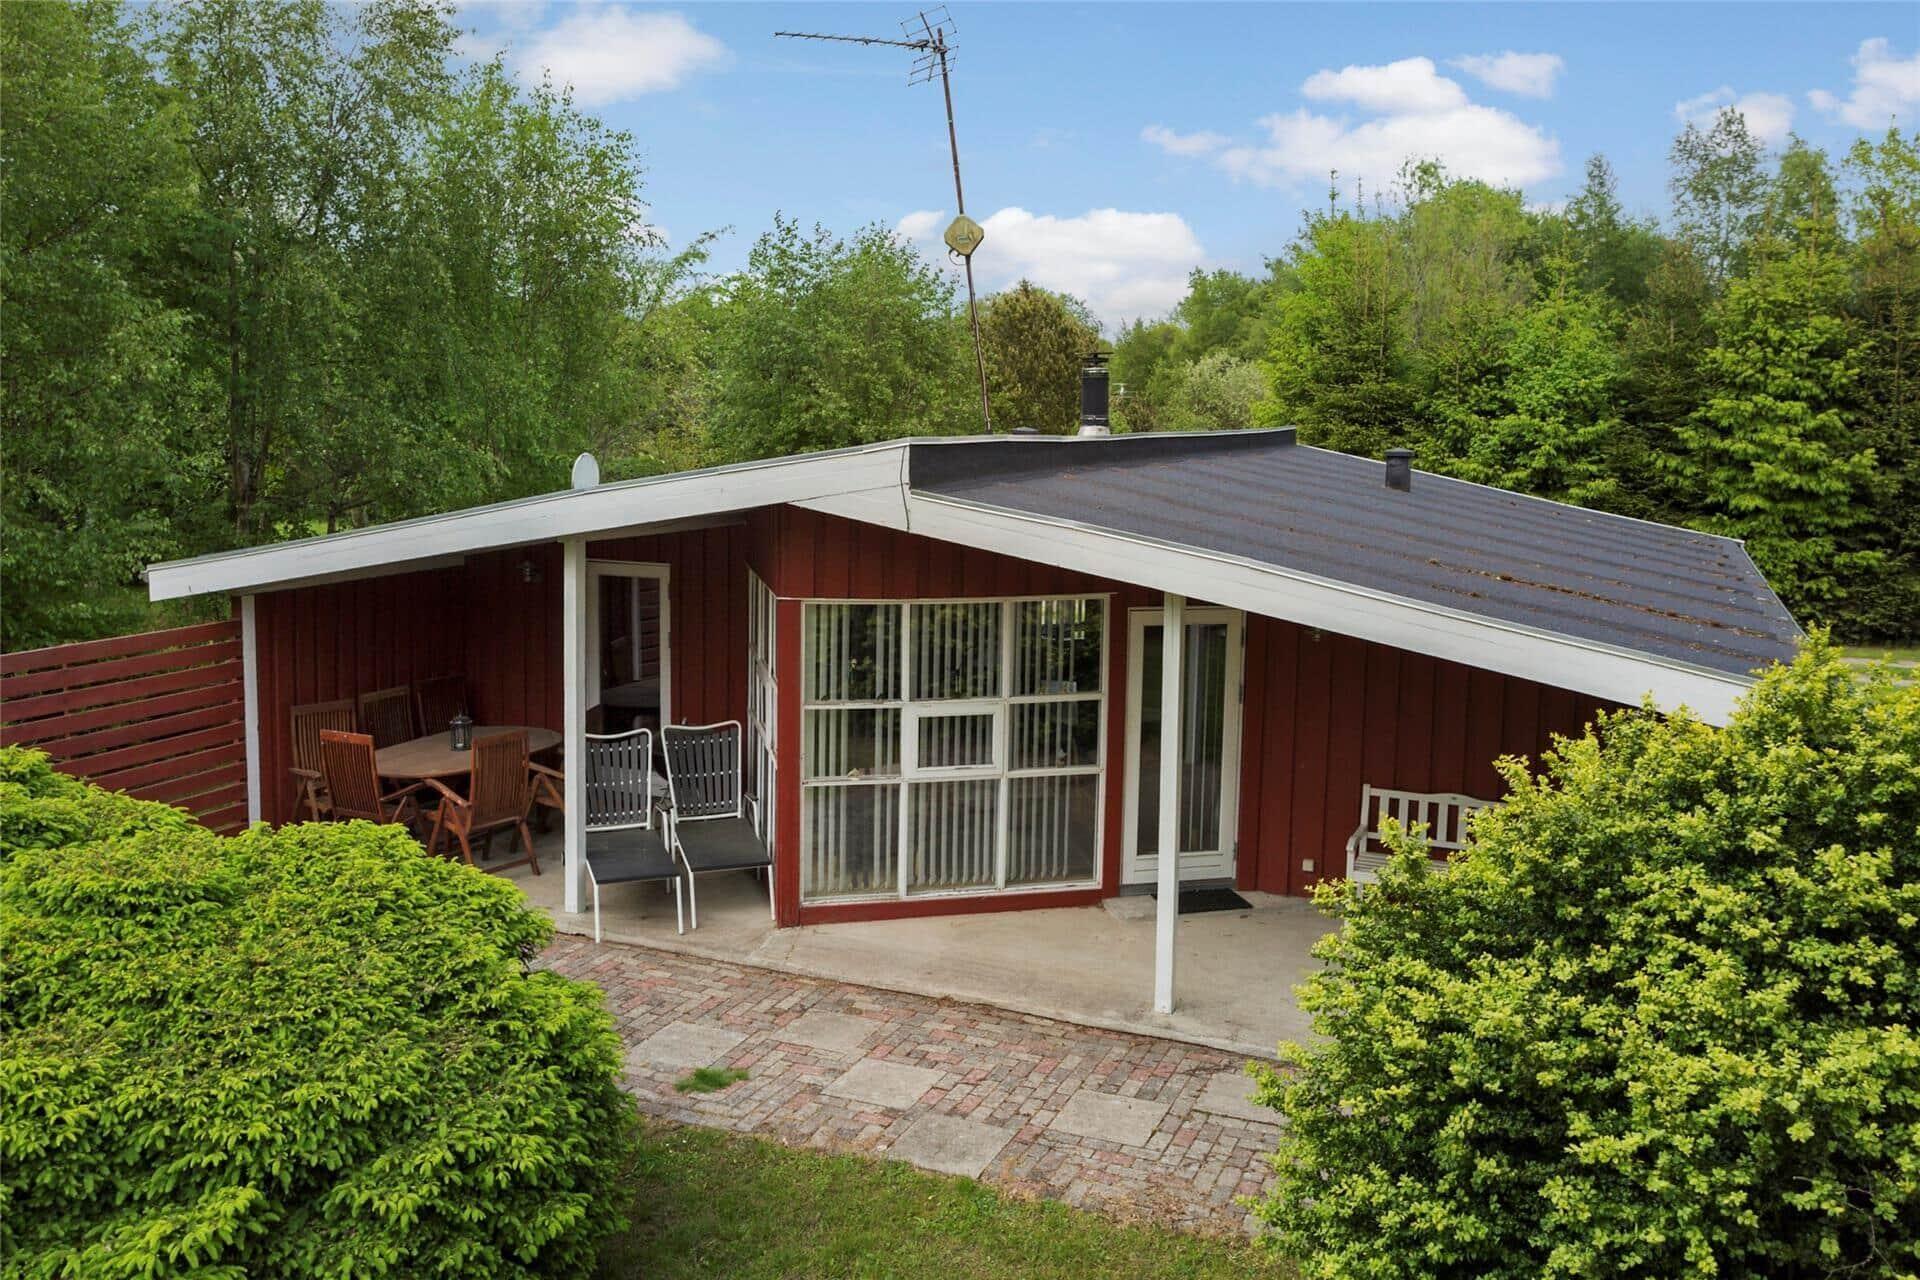 Billede 1-401 Sommerhus OH290, Sletten 81, DK - 9560 Hadsund